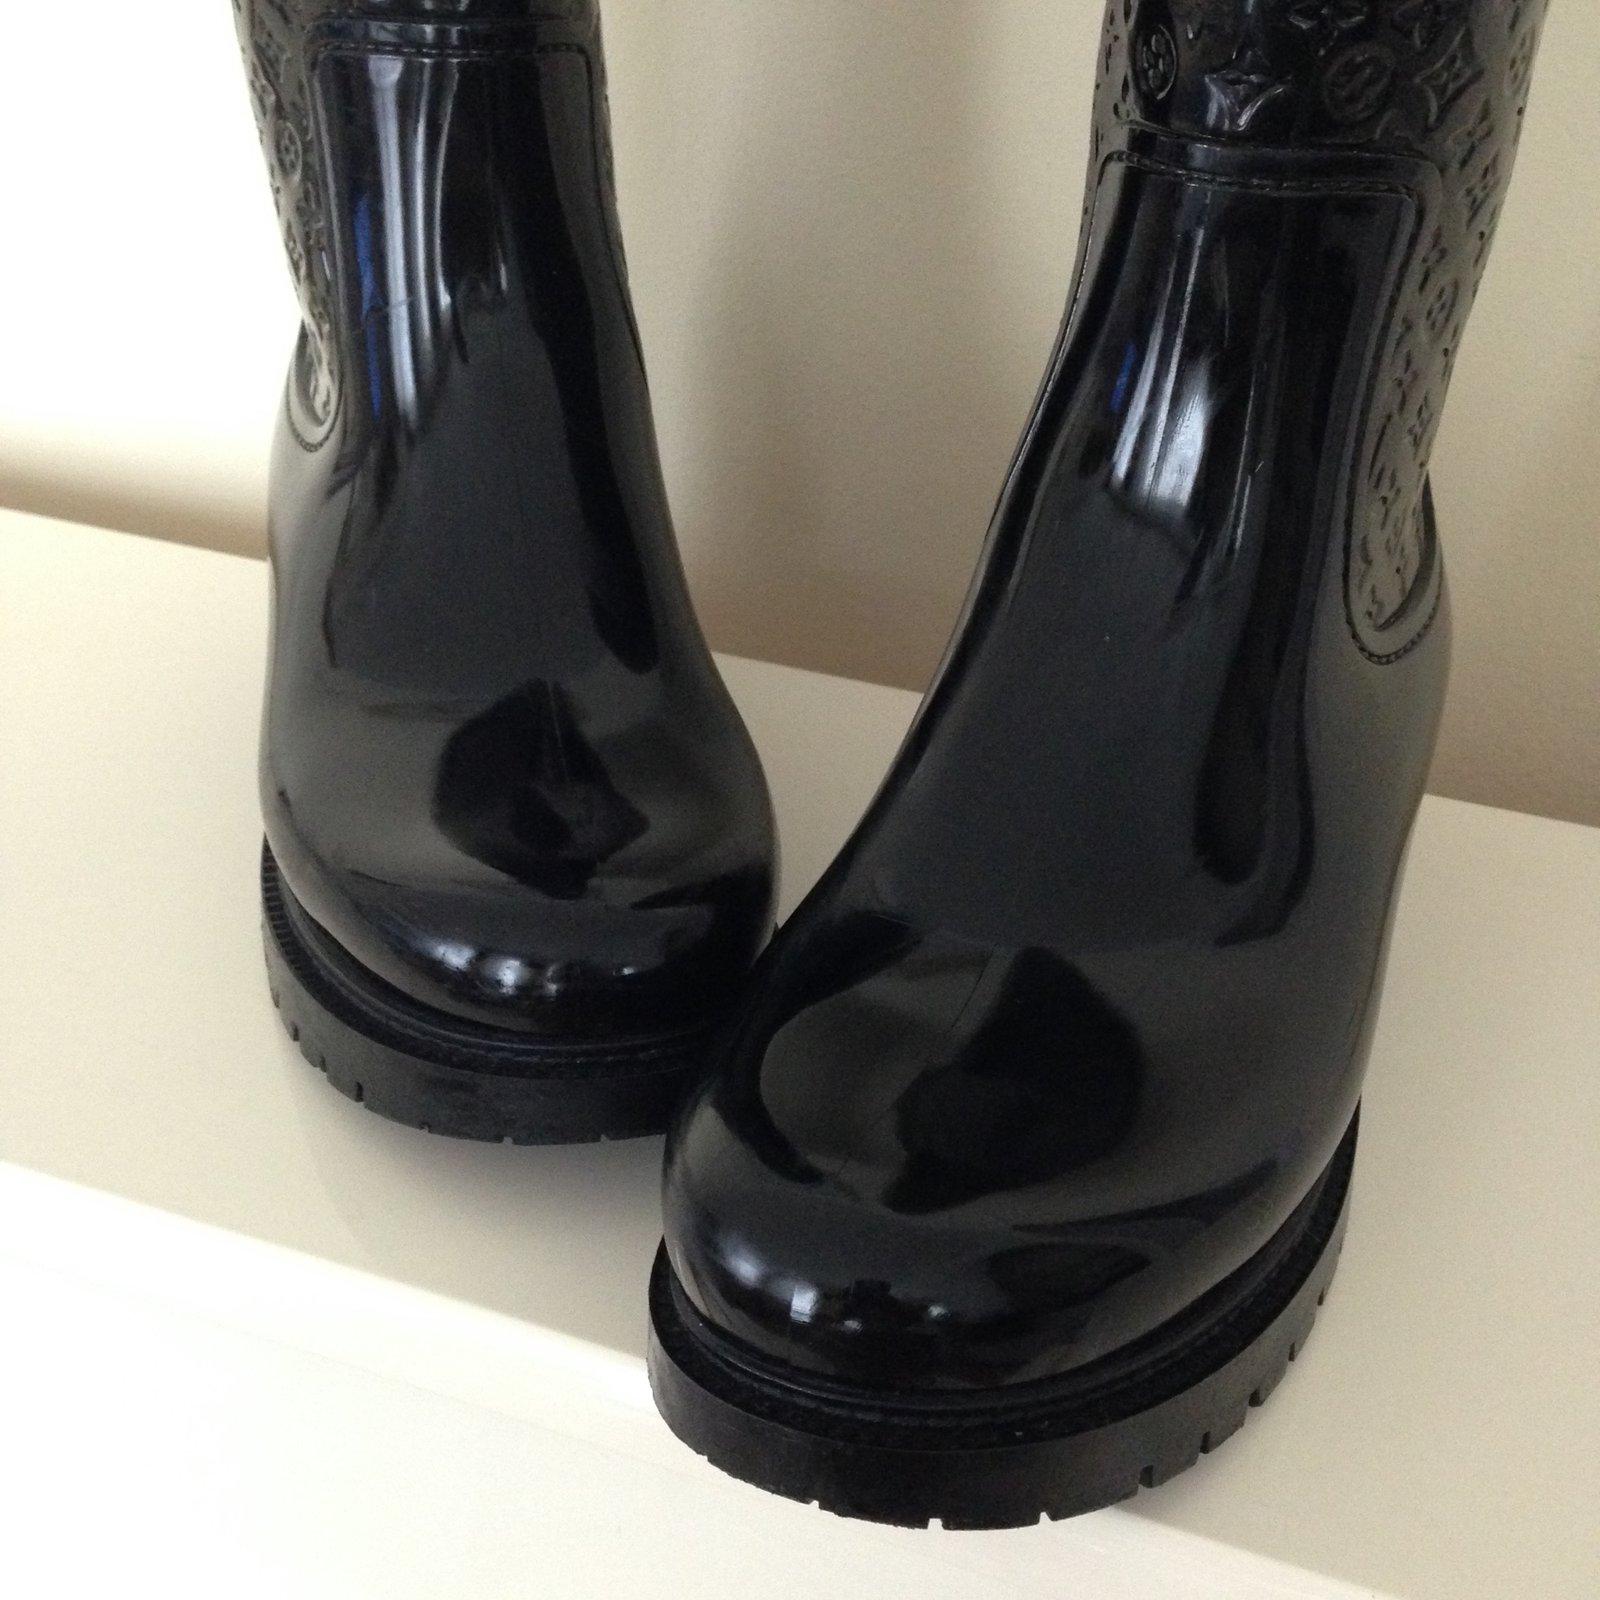 Bottes Louis Vuitton Psplash bottes lv Caoutchouc Noir ref.50709 - Joli  Closet e4c20c339dc